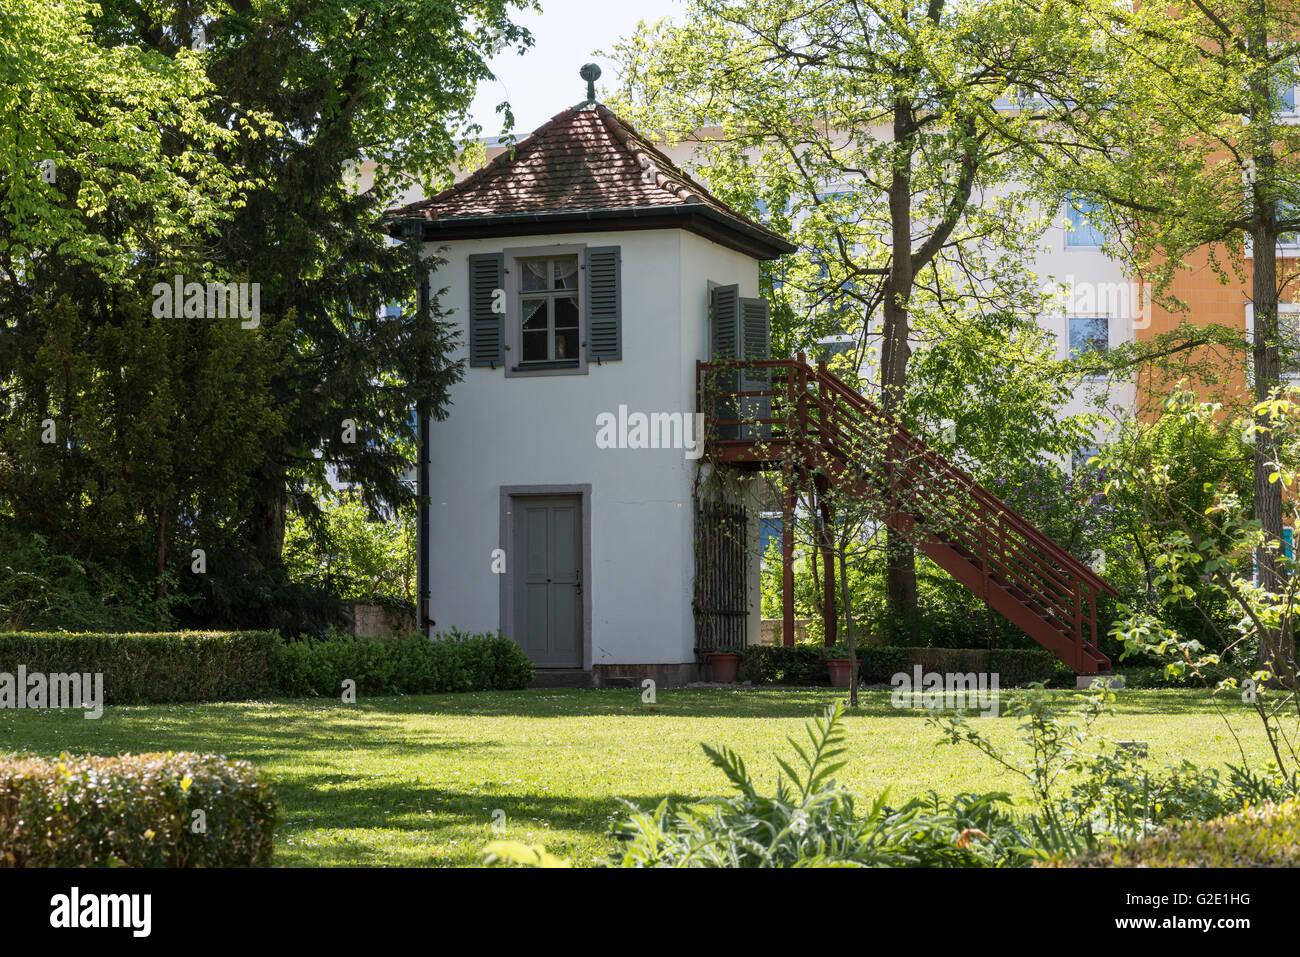 Turm, Gartenzinne, Gartenhaus mit Studie von Friedrich Schiller, das Gartenhaus von Friedrich Schiller, Museum, Stockbild